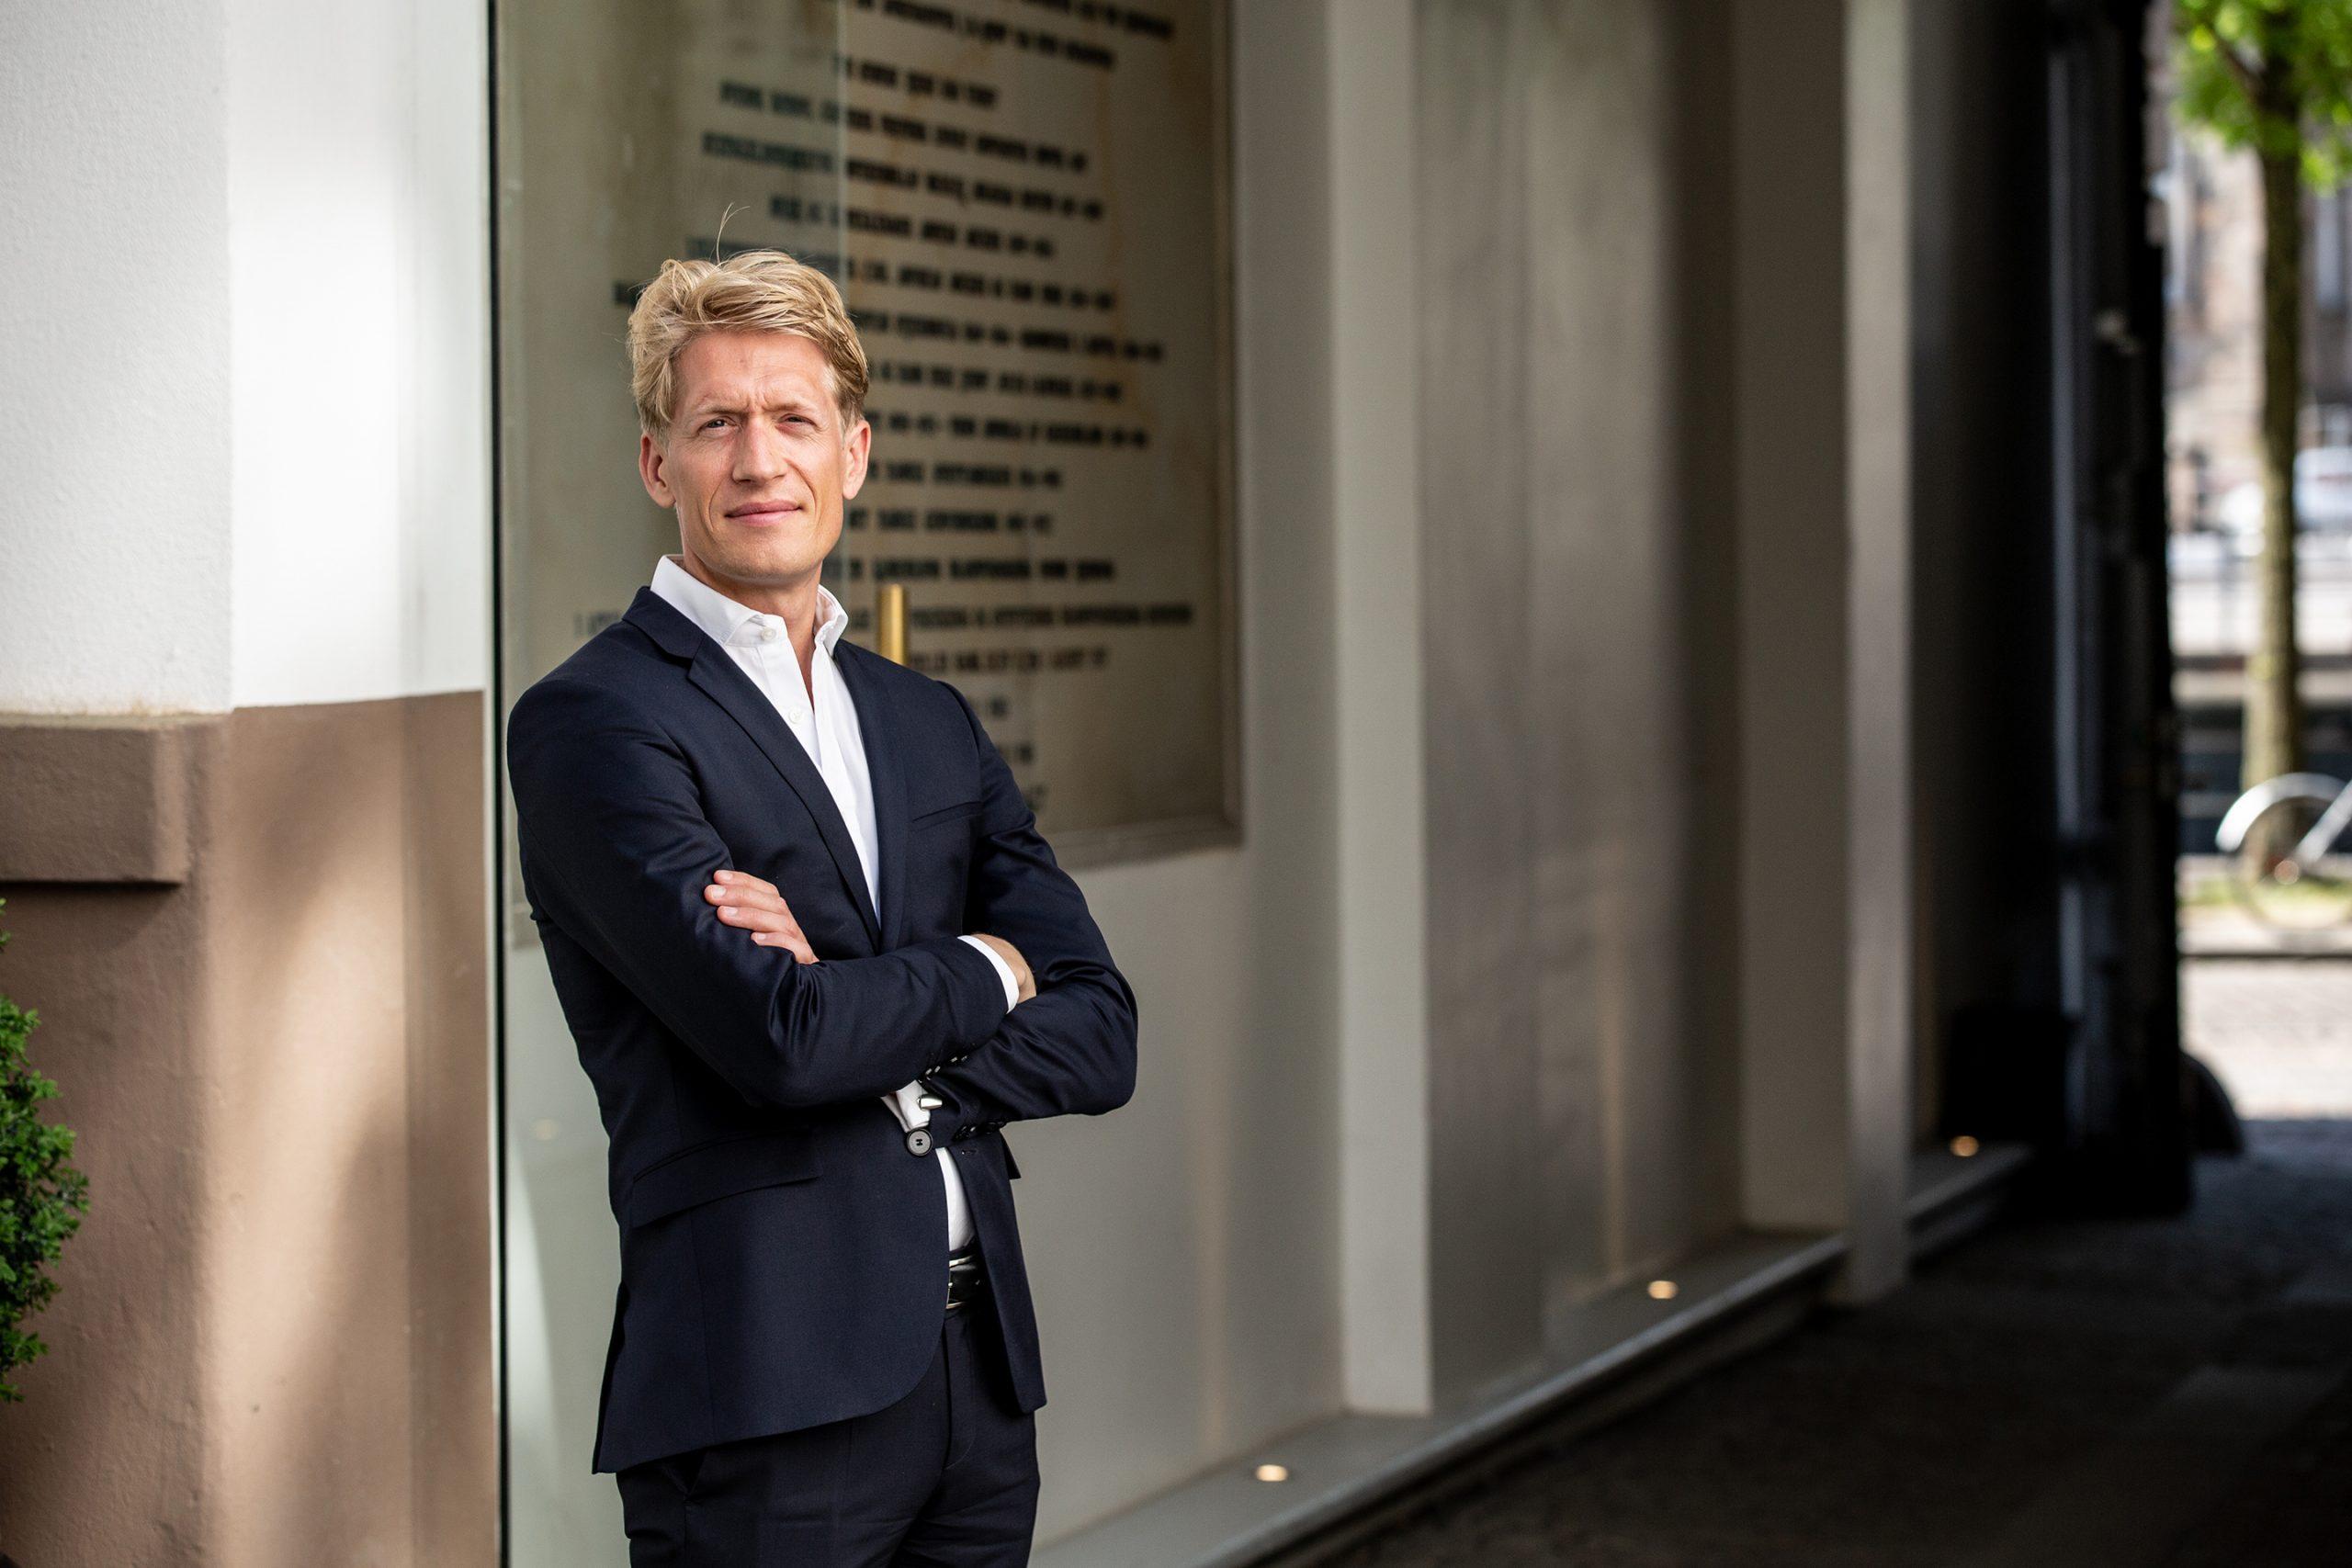 Vi kommer ikke til at producere en dansk Google eller Amazon. Men vi har Grundfos, Novo og alle de andre som en superstærk teknologi- og velfærdsdriver